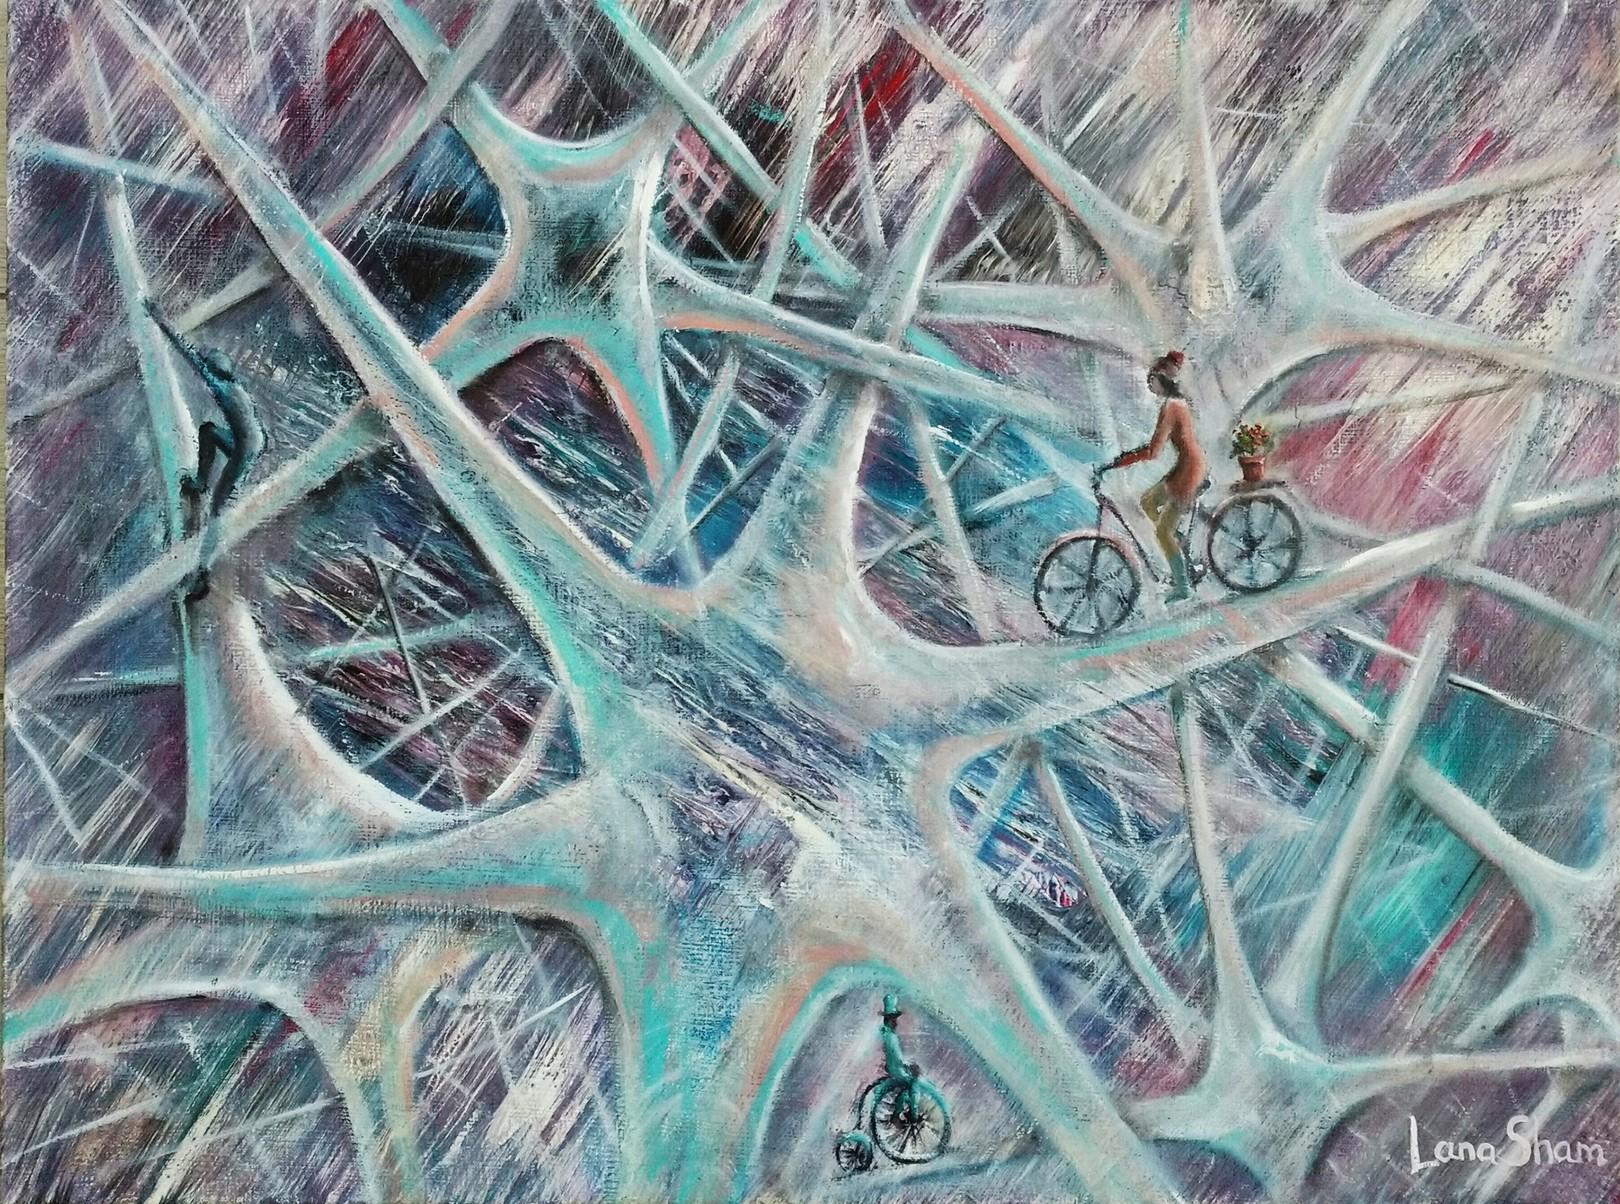 Путешествие по нейронным сетям, 60х80